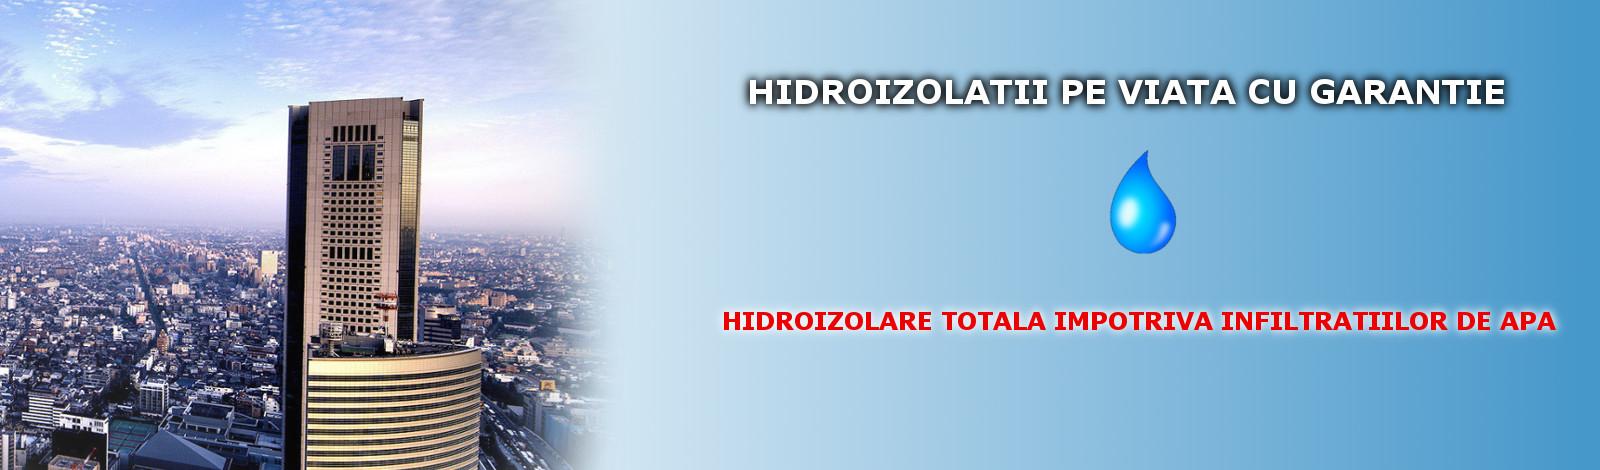 hidroizolatii1